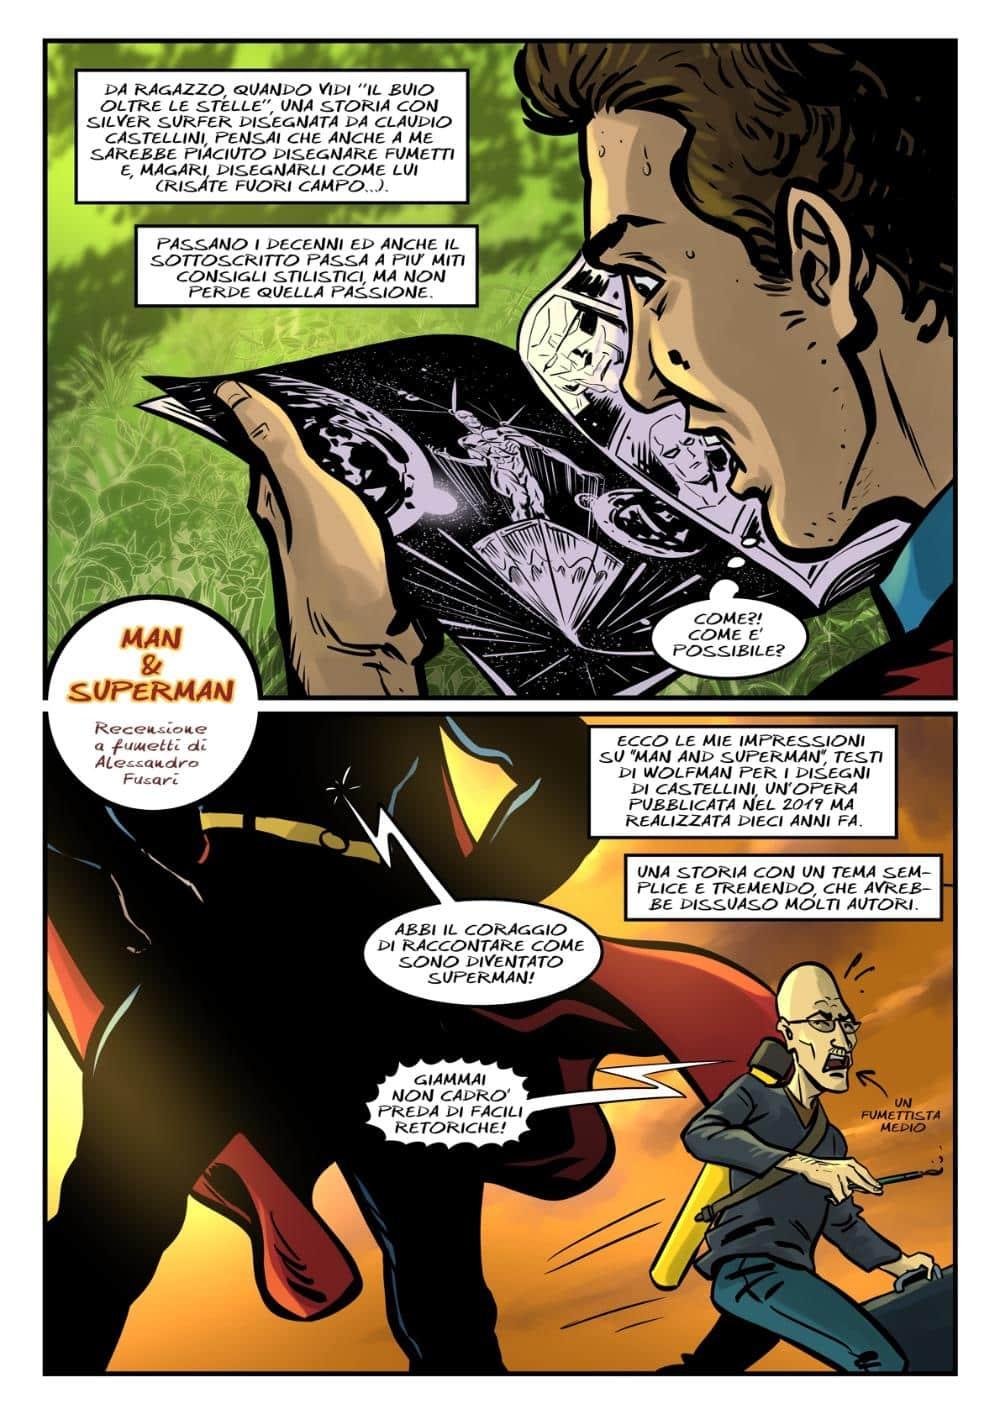 fusari_MAS_01_Recensioni A fumetti